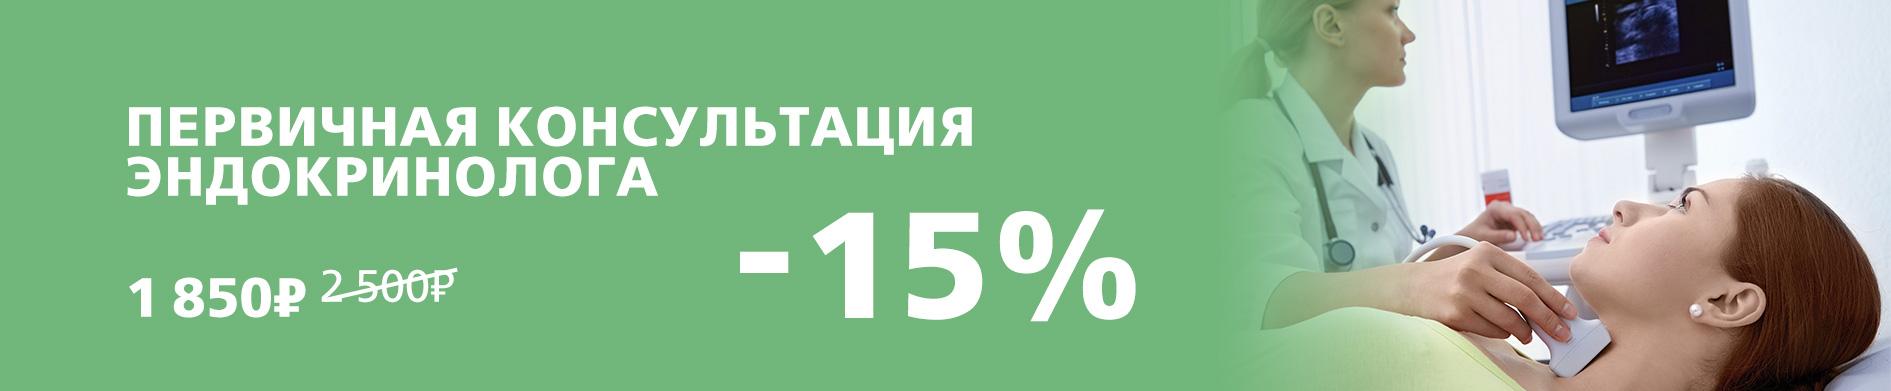 Консультация эндокринолога со скидкой 15% за 1850 рублей